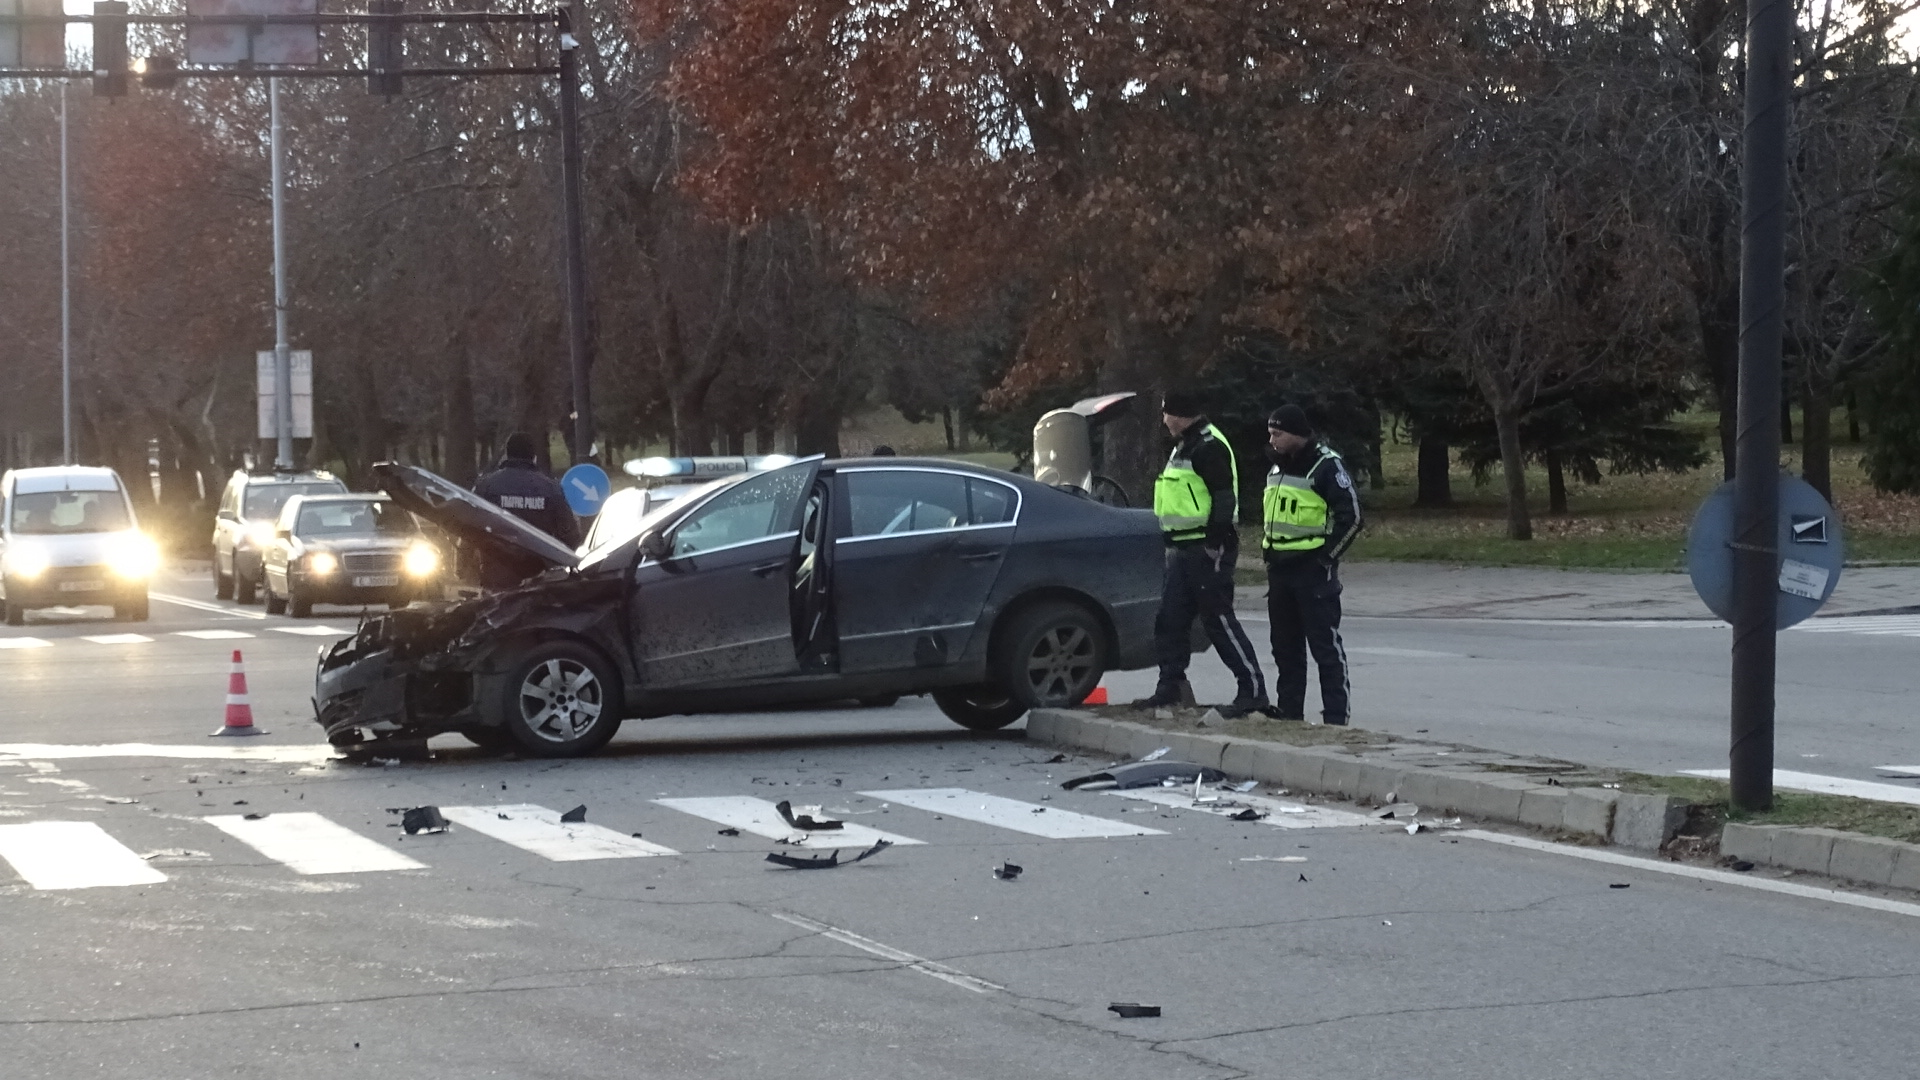 Инцидентът се е случил на кръстовище. Двете жени са в болница